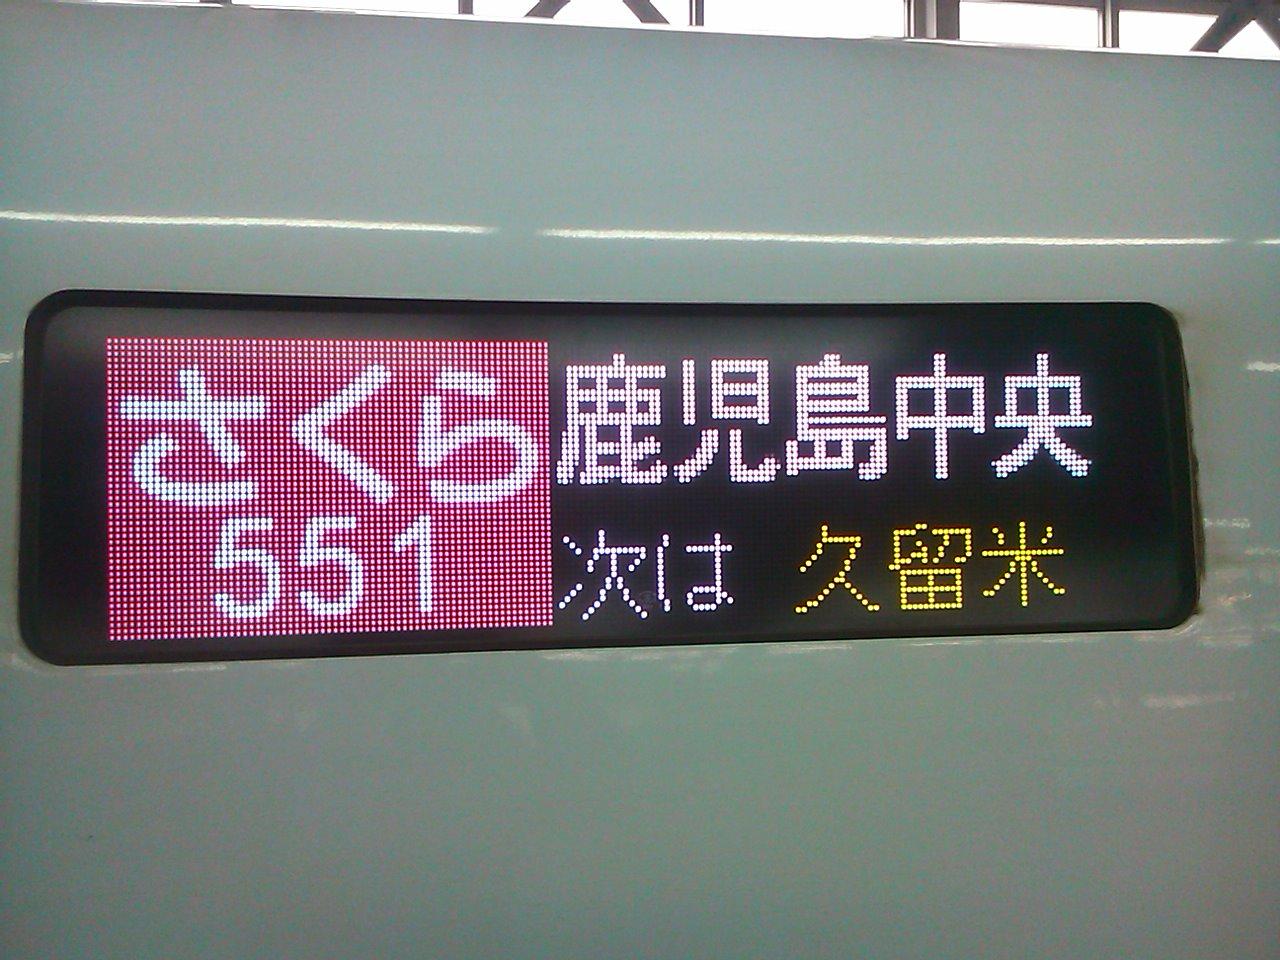 Sn3n0155